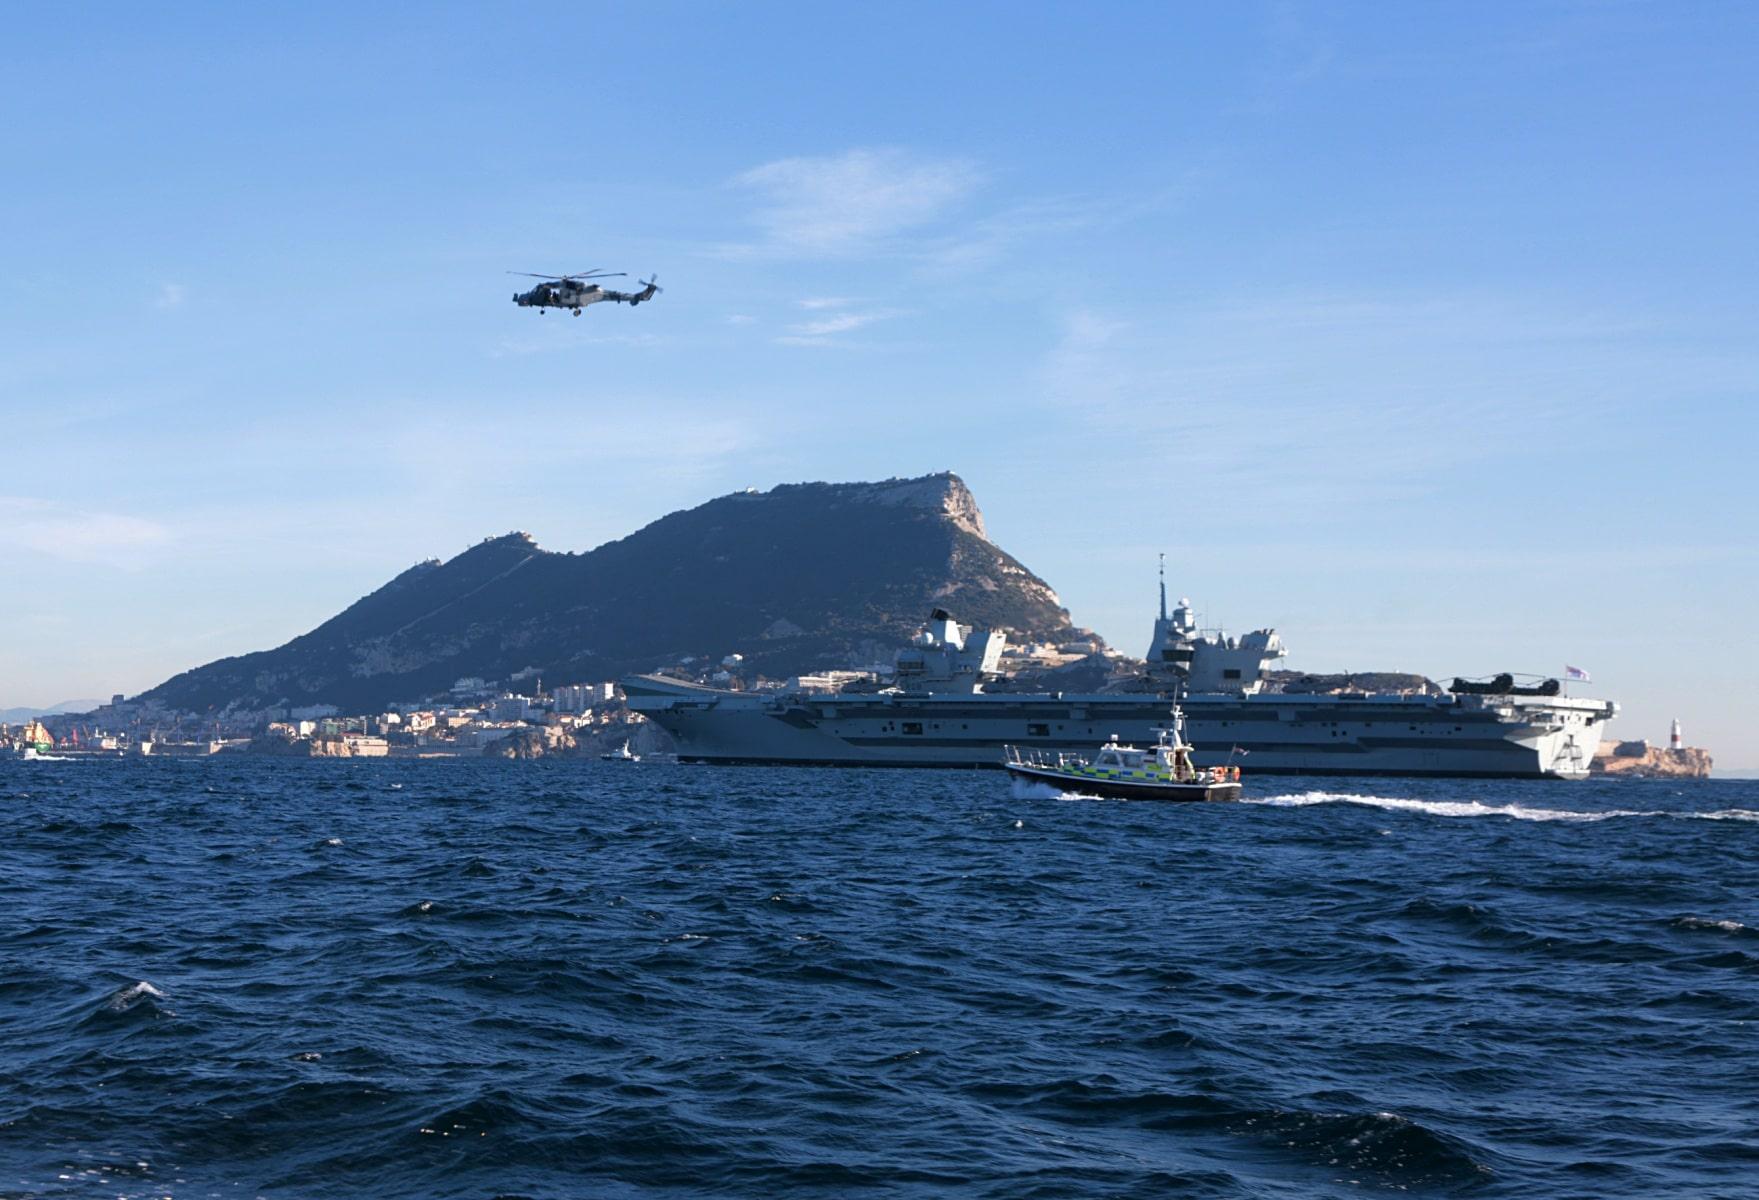 portaaviones-hms-queen-elizabeth-llegando-a-gibraltar-imagen-tomada-desde-uno-de-los-buques-de-apoyo-via-royal-navy-24_39267701115_o